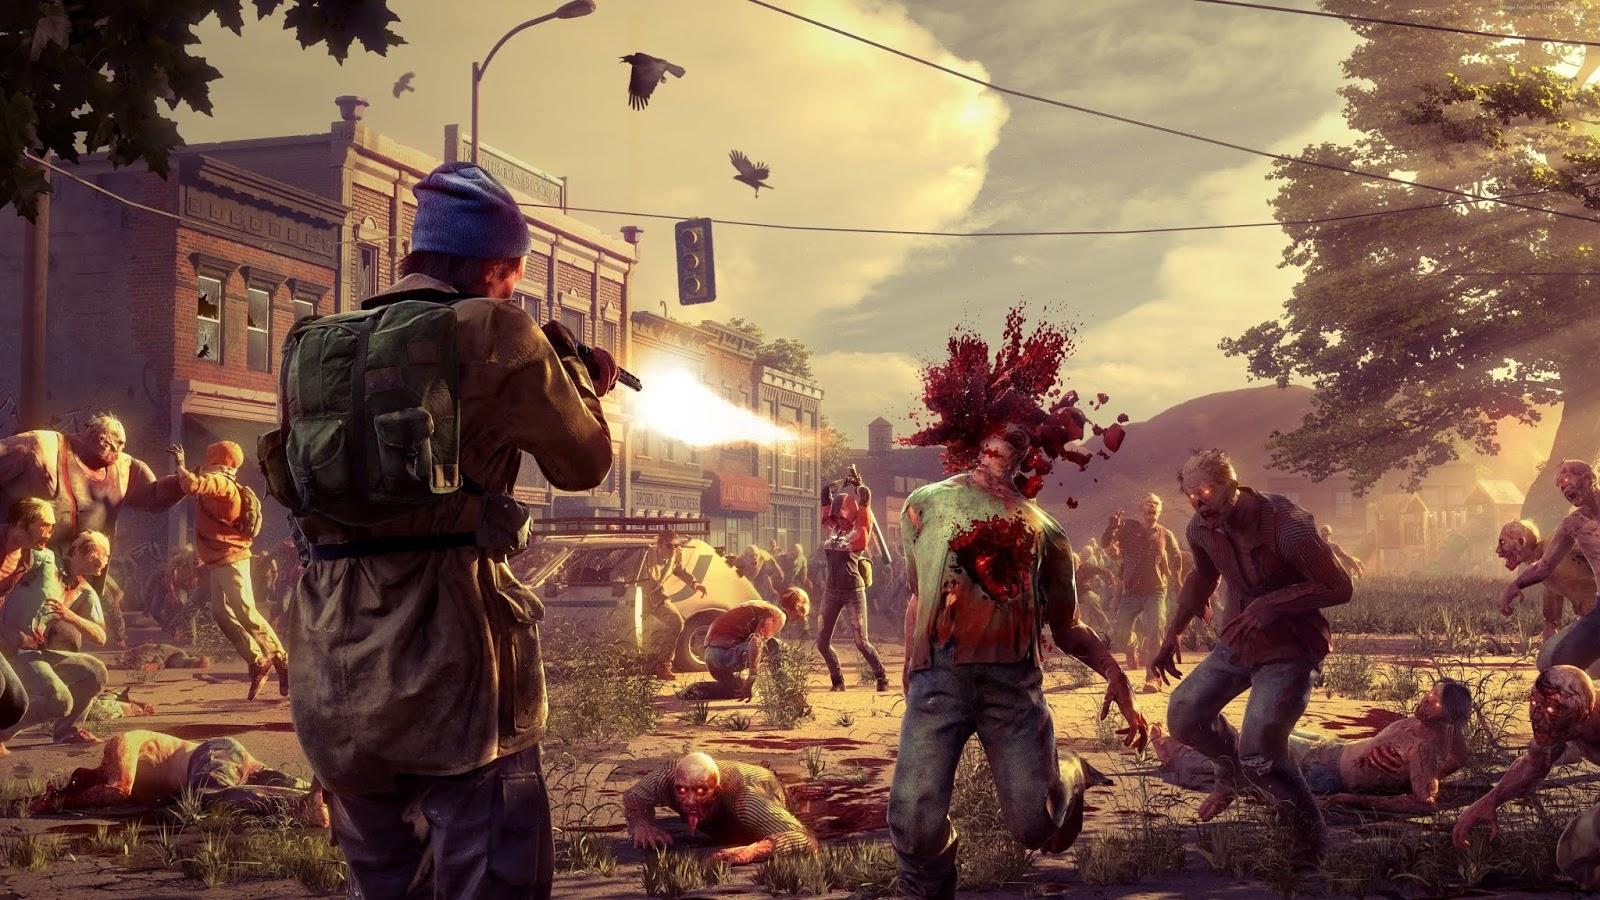 Cerita Zombie Apocalypse Terseru Bagian (Prolog)